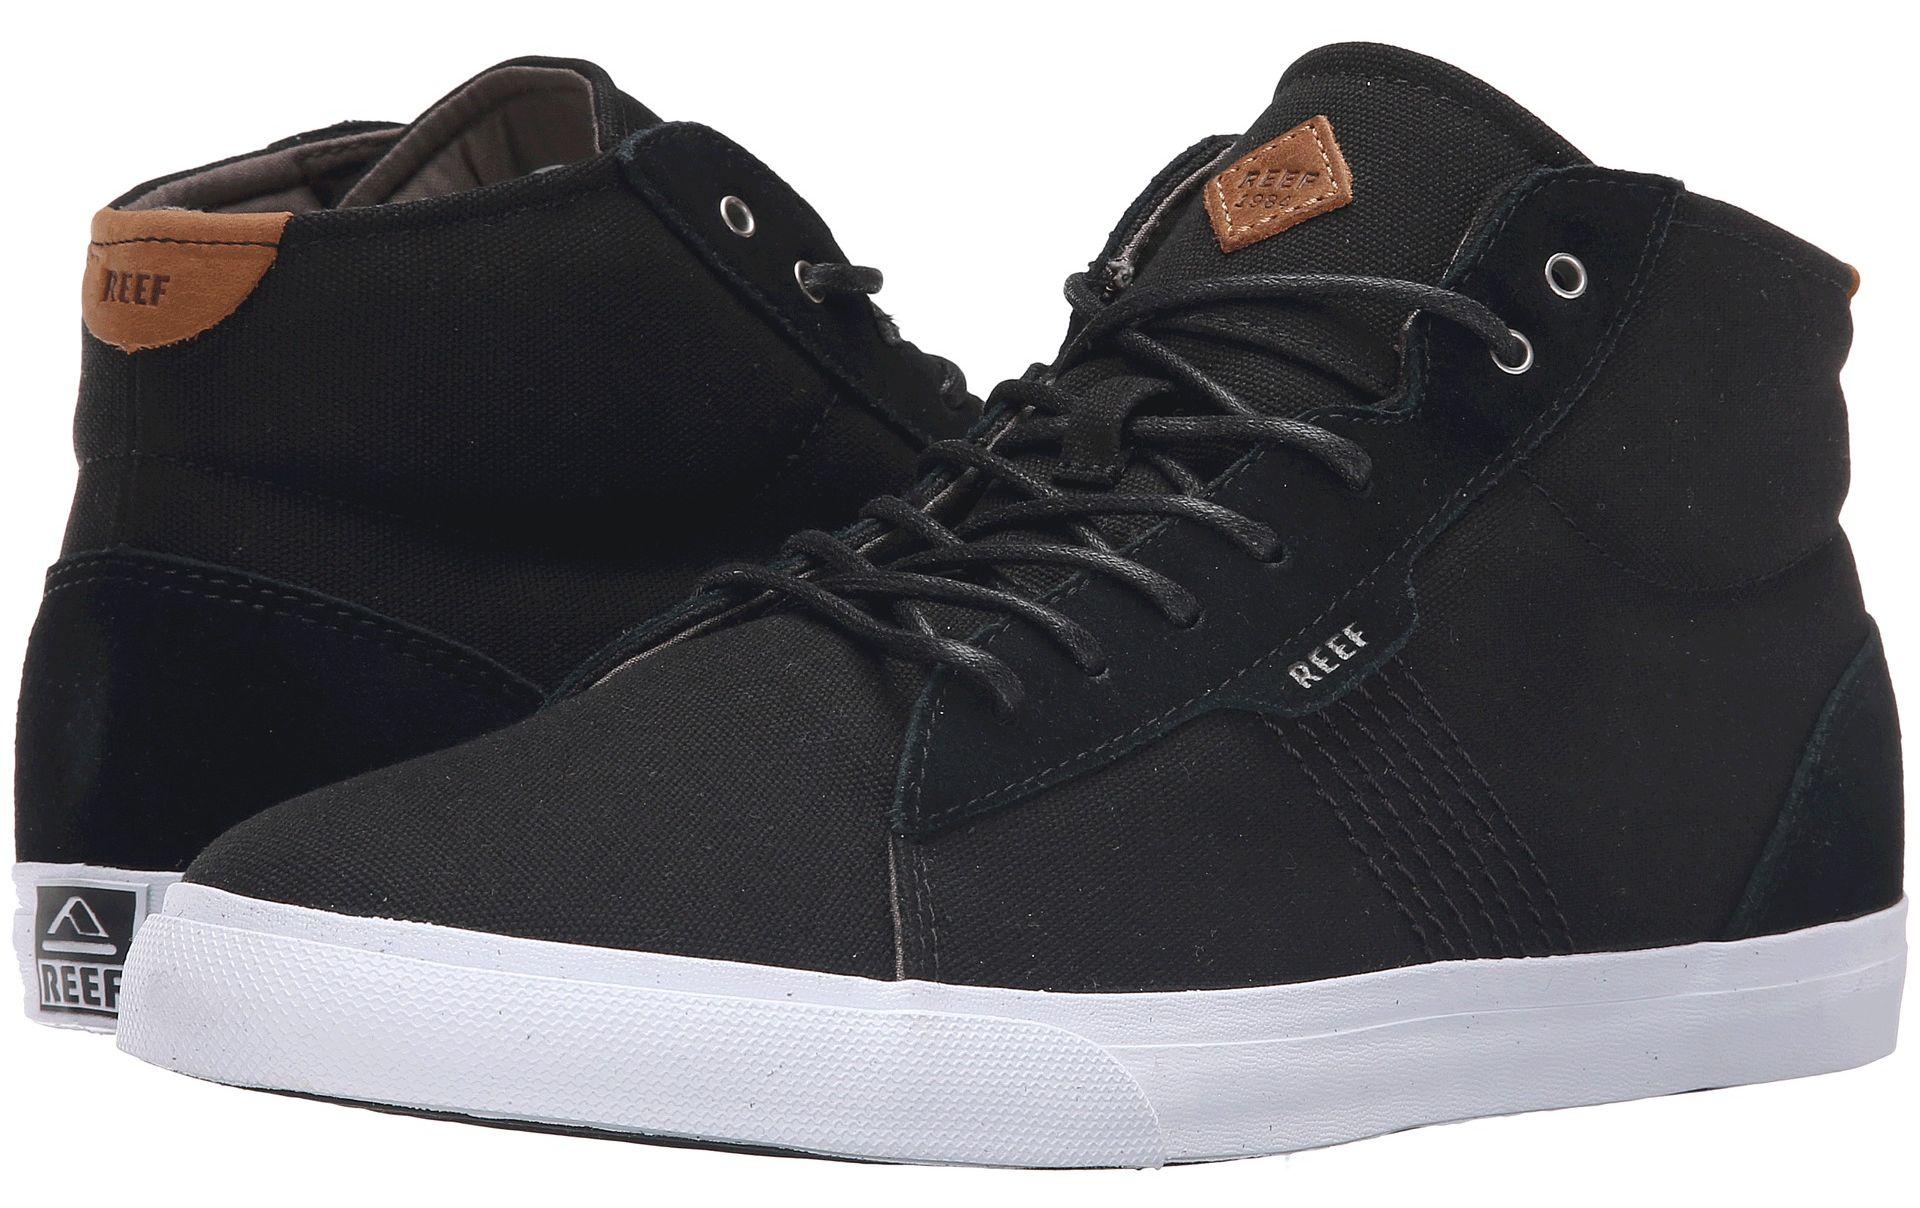 pánské kotníkové boty REEF RIDGE MID BLACK